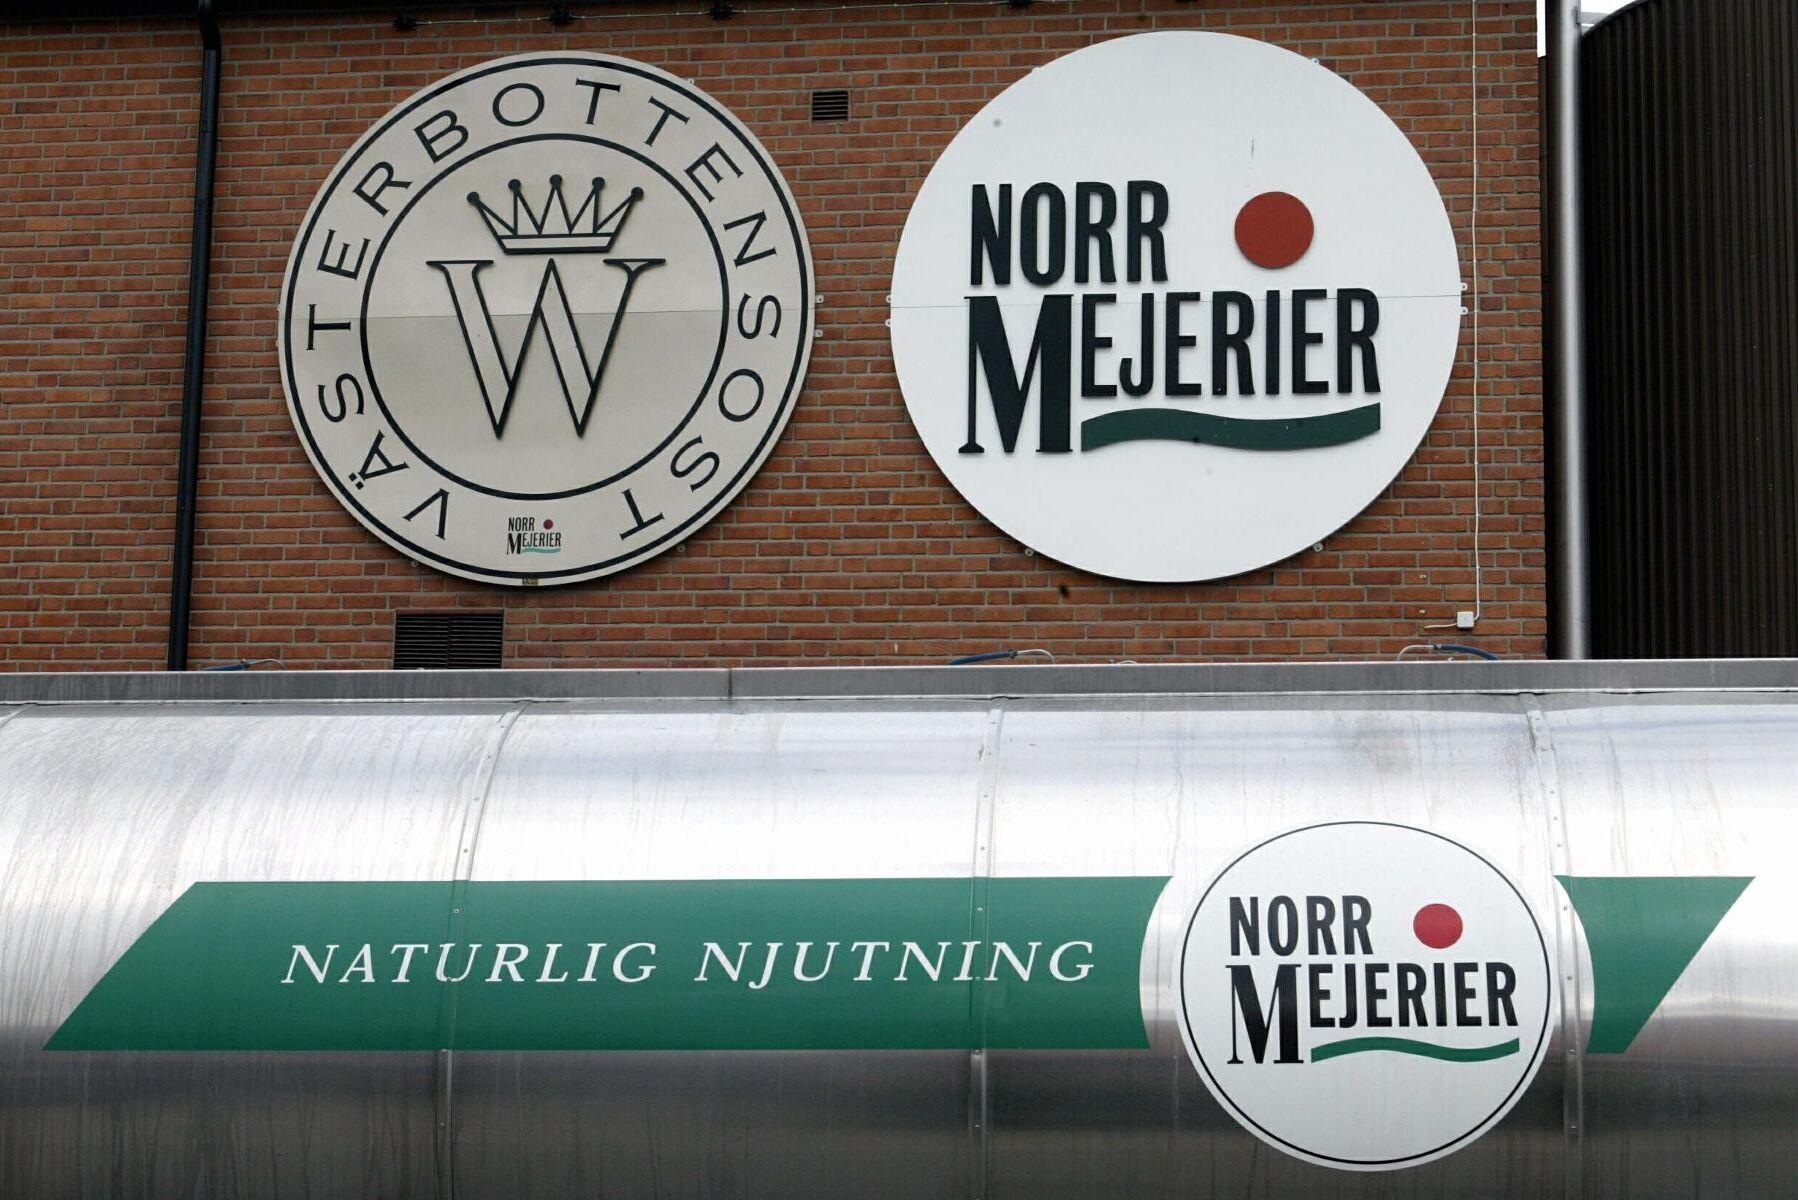 Norrmejerier vill etablera Norrland som en klimatpositiv zon med en levande livsmedelsproduktion.